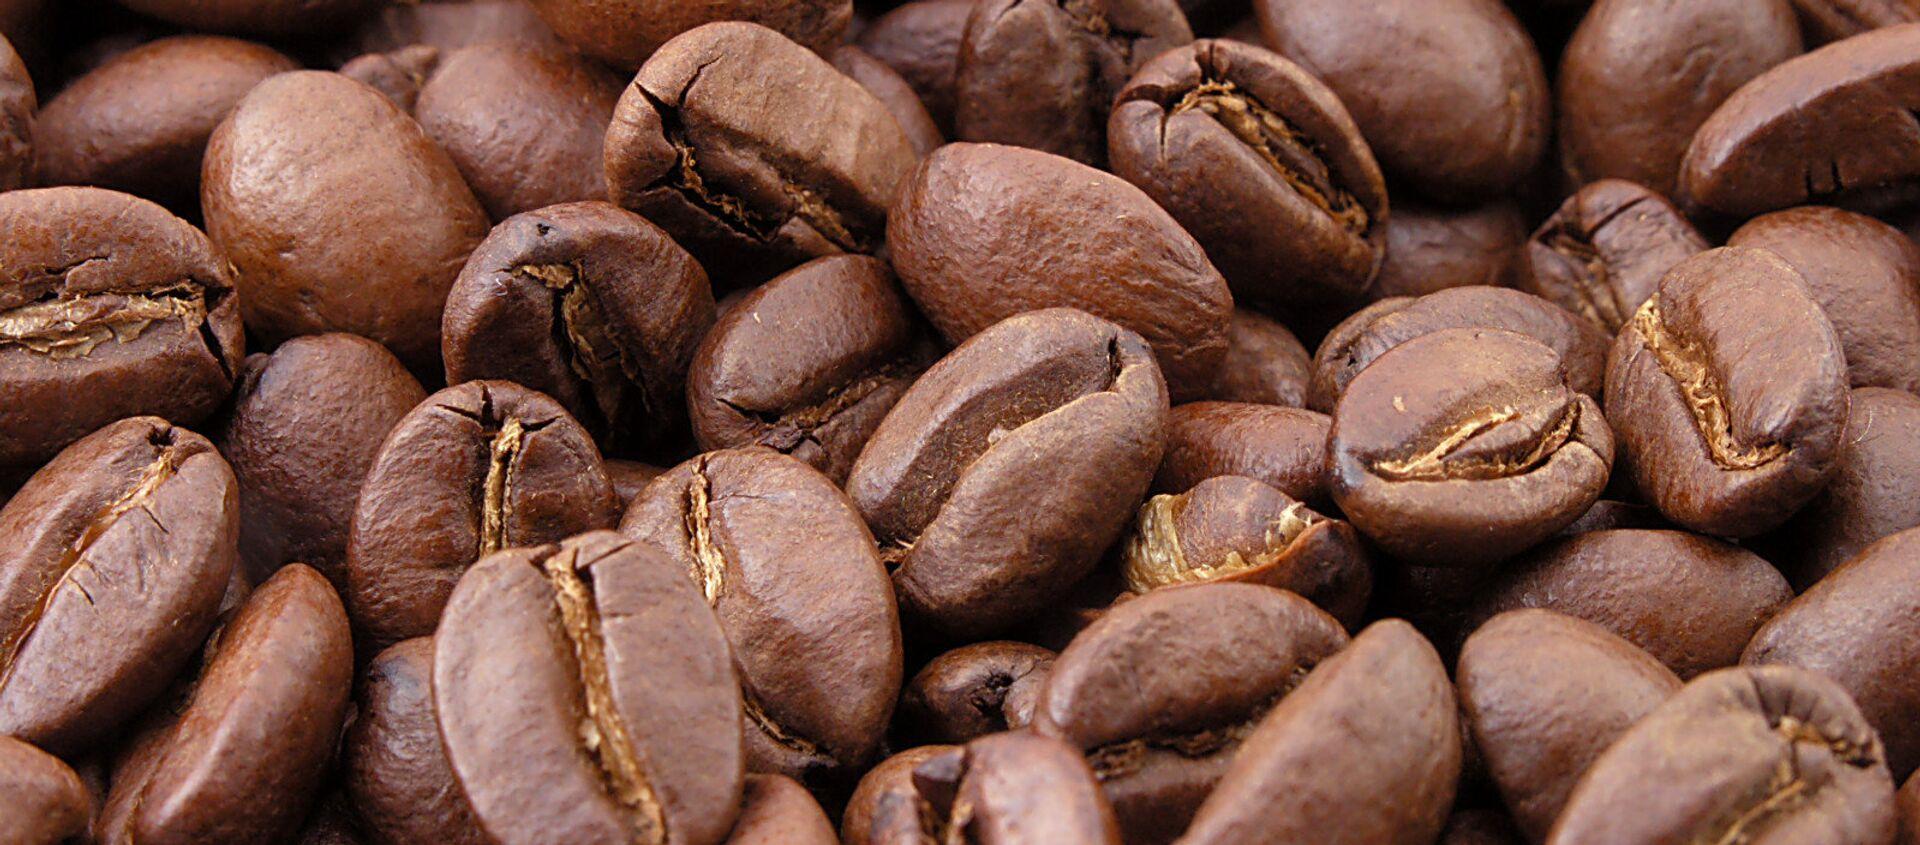 Granos de café - Sputnik Mundo, 1920, 01.01.2020